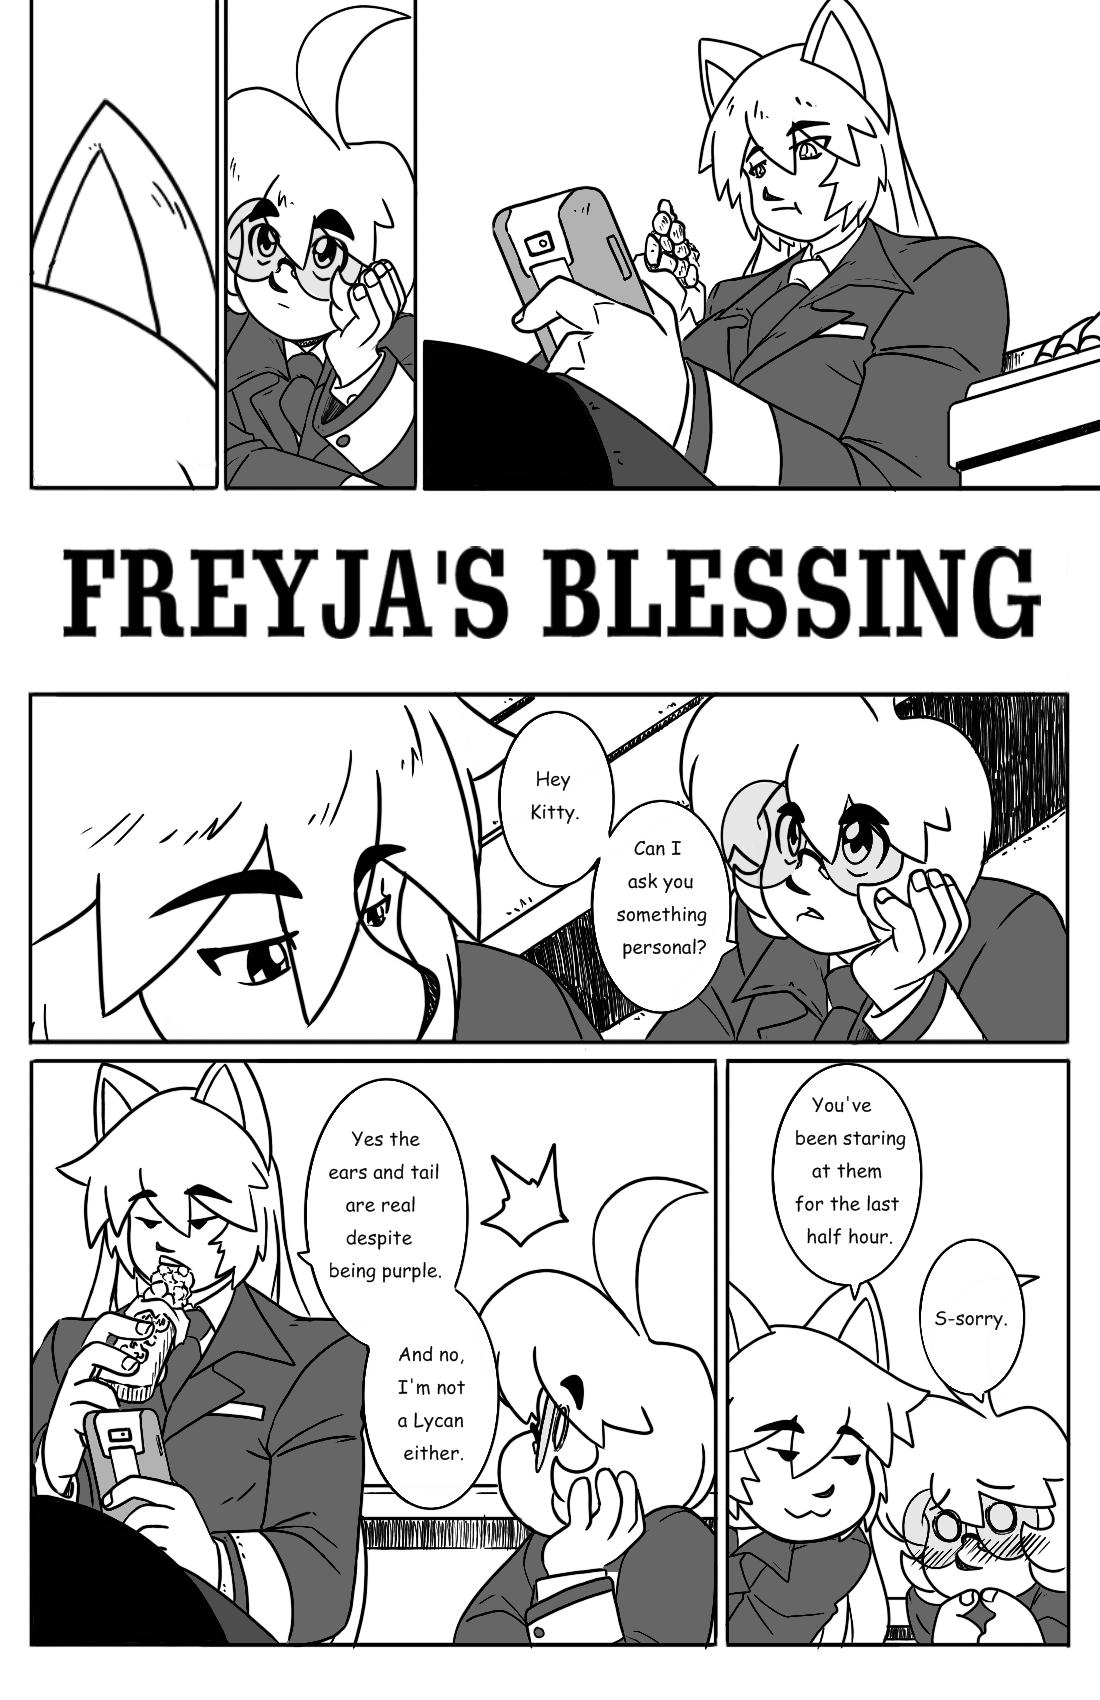 Freyja's Blessing